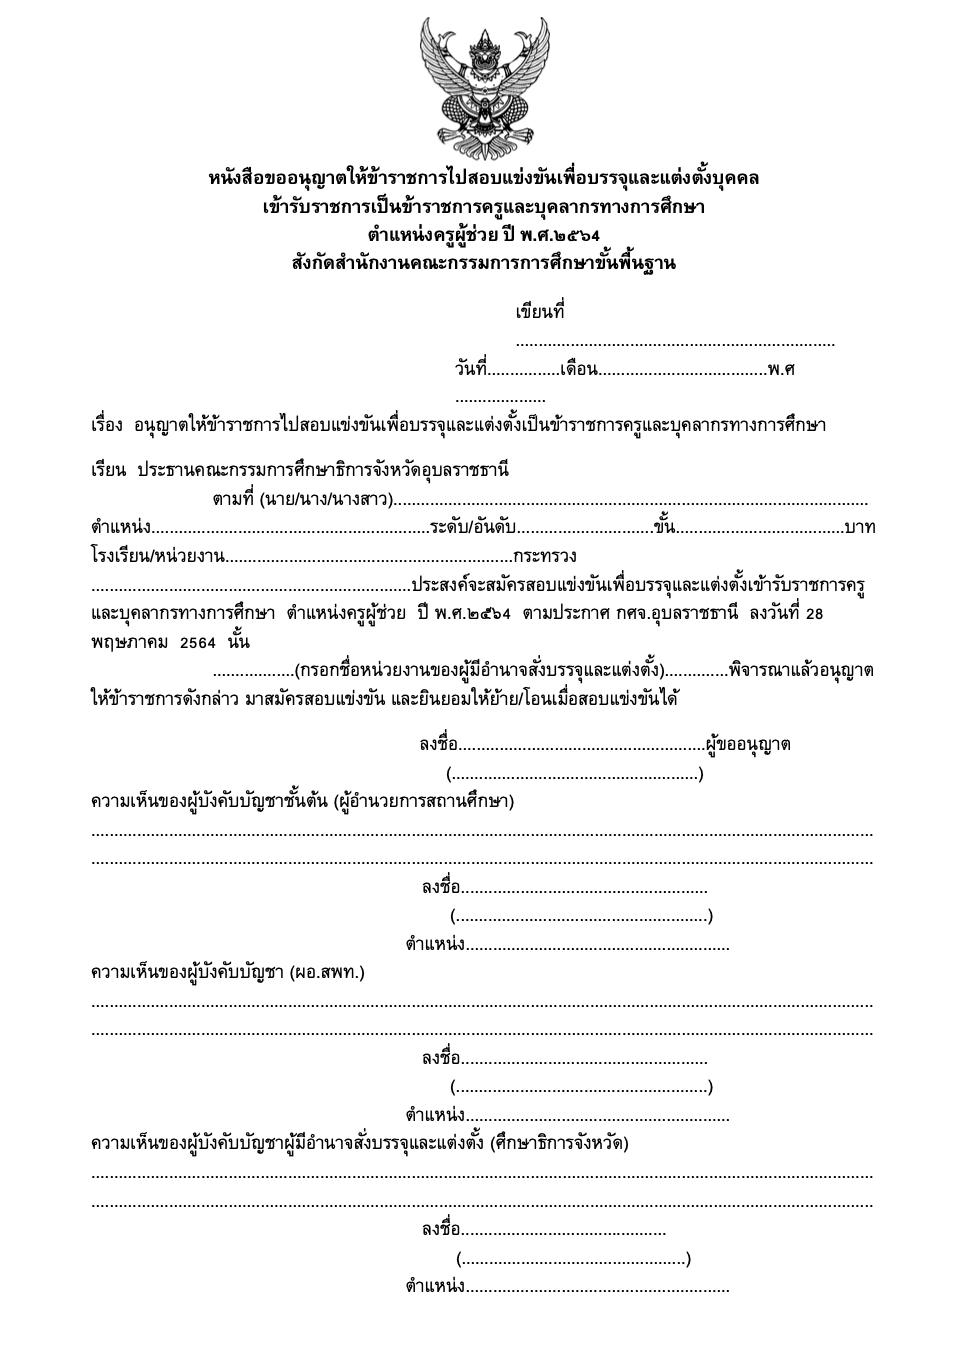 ตัวอย่างหนังสือขออนุญาตให้ข้าราชการไปสอบบรรจุ ครูผู้ช่วย ปี พ.ศ. 2564 ไฟล์เวิร์ด แก้ไขได้